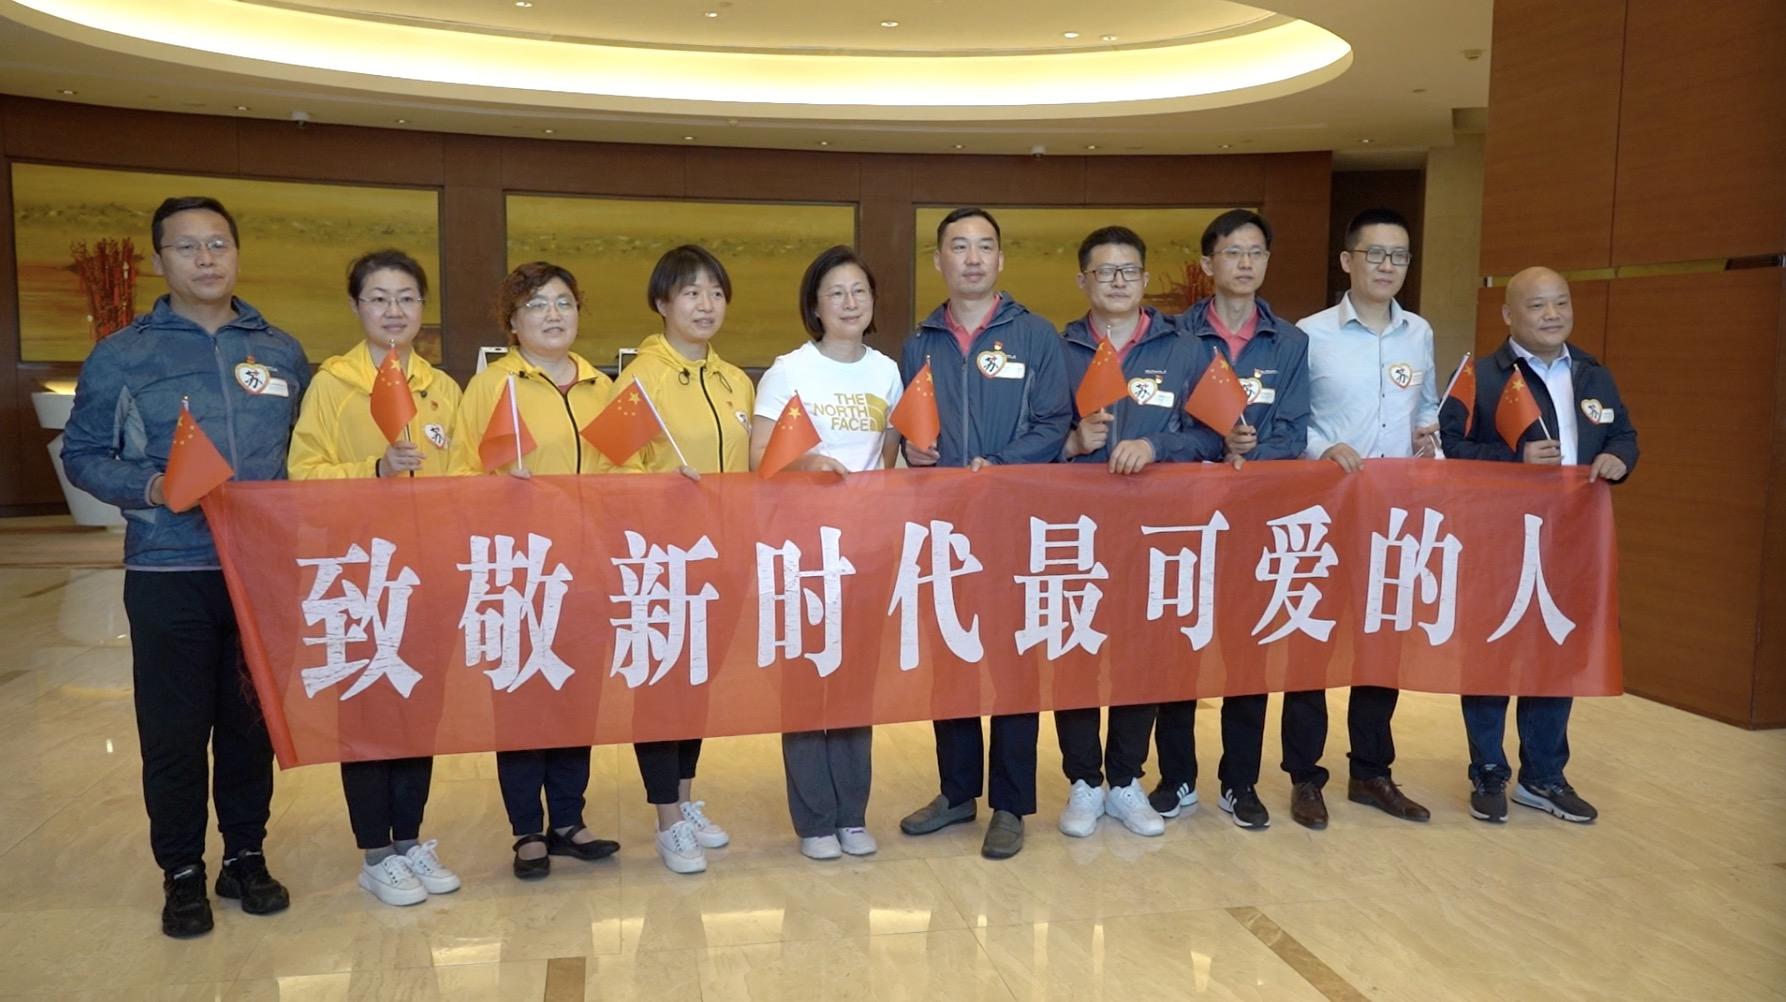 【高德开户】|20人专家督导组高德开户在武汉图片